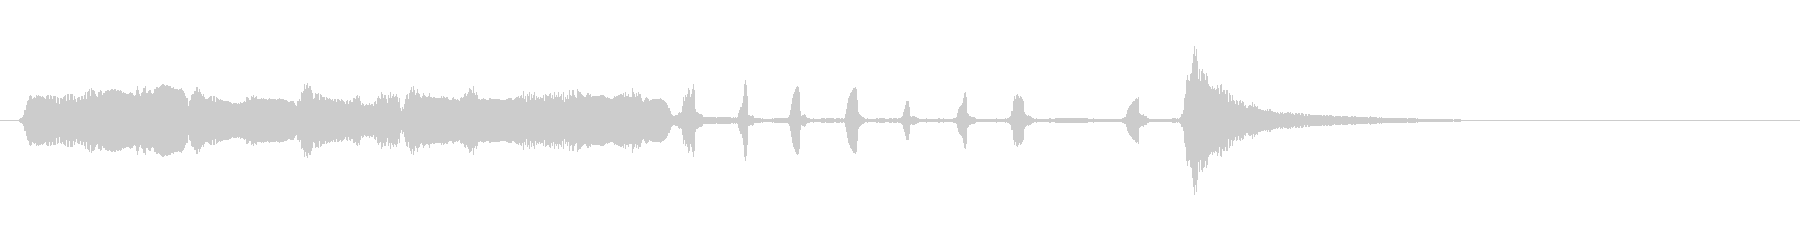 【生演奏】アコーディオンジングル38の未再生の波形